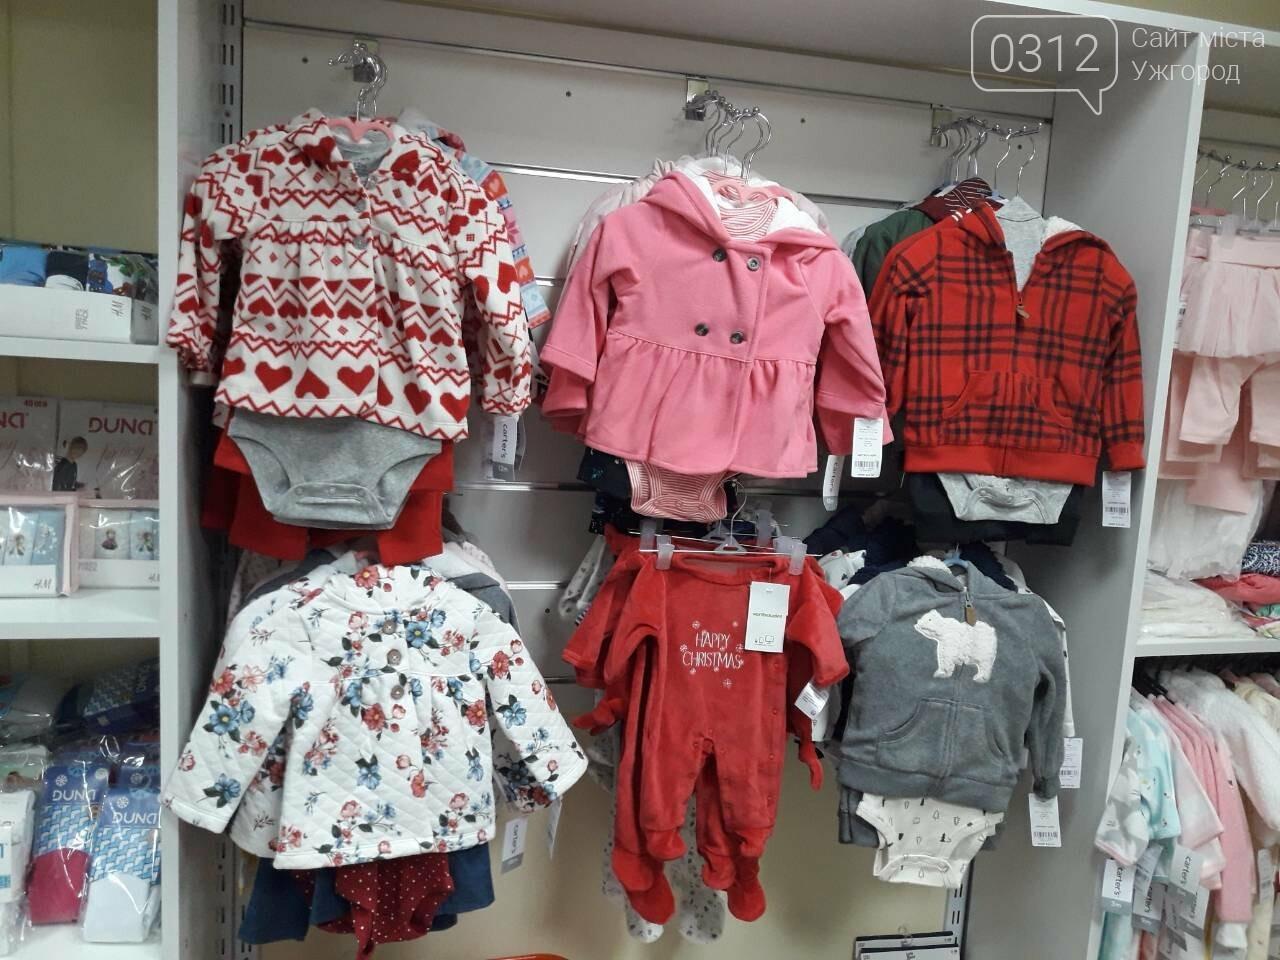 ЗНИЖКИ до -70%: 1-го грудня в Ужгороді відчиняється магазин дитячого одягу «WESTERN BRANDS» (ФОТО), фото-4